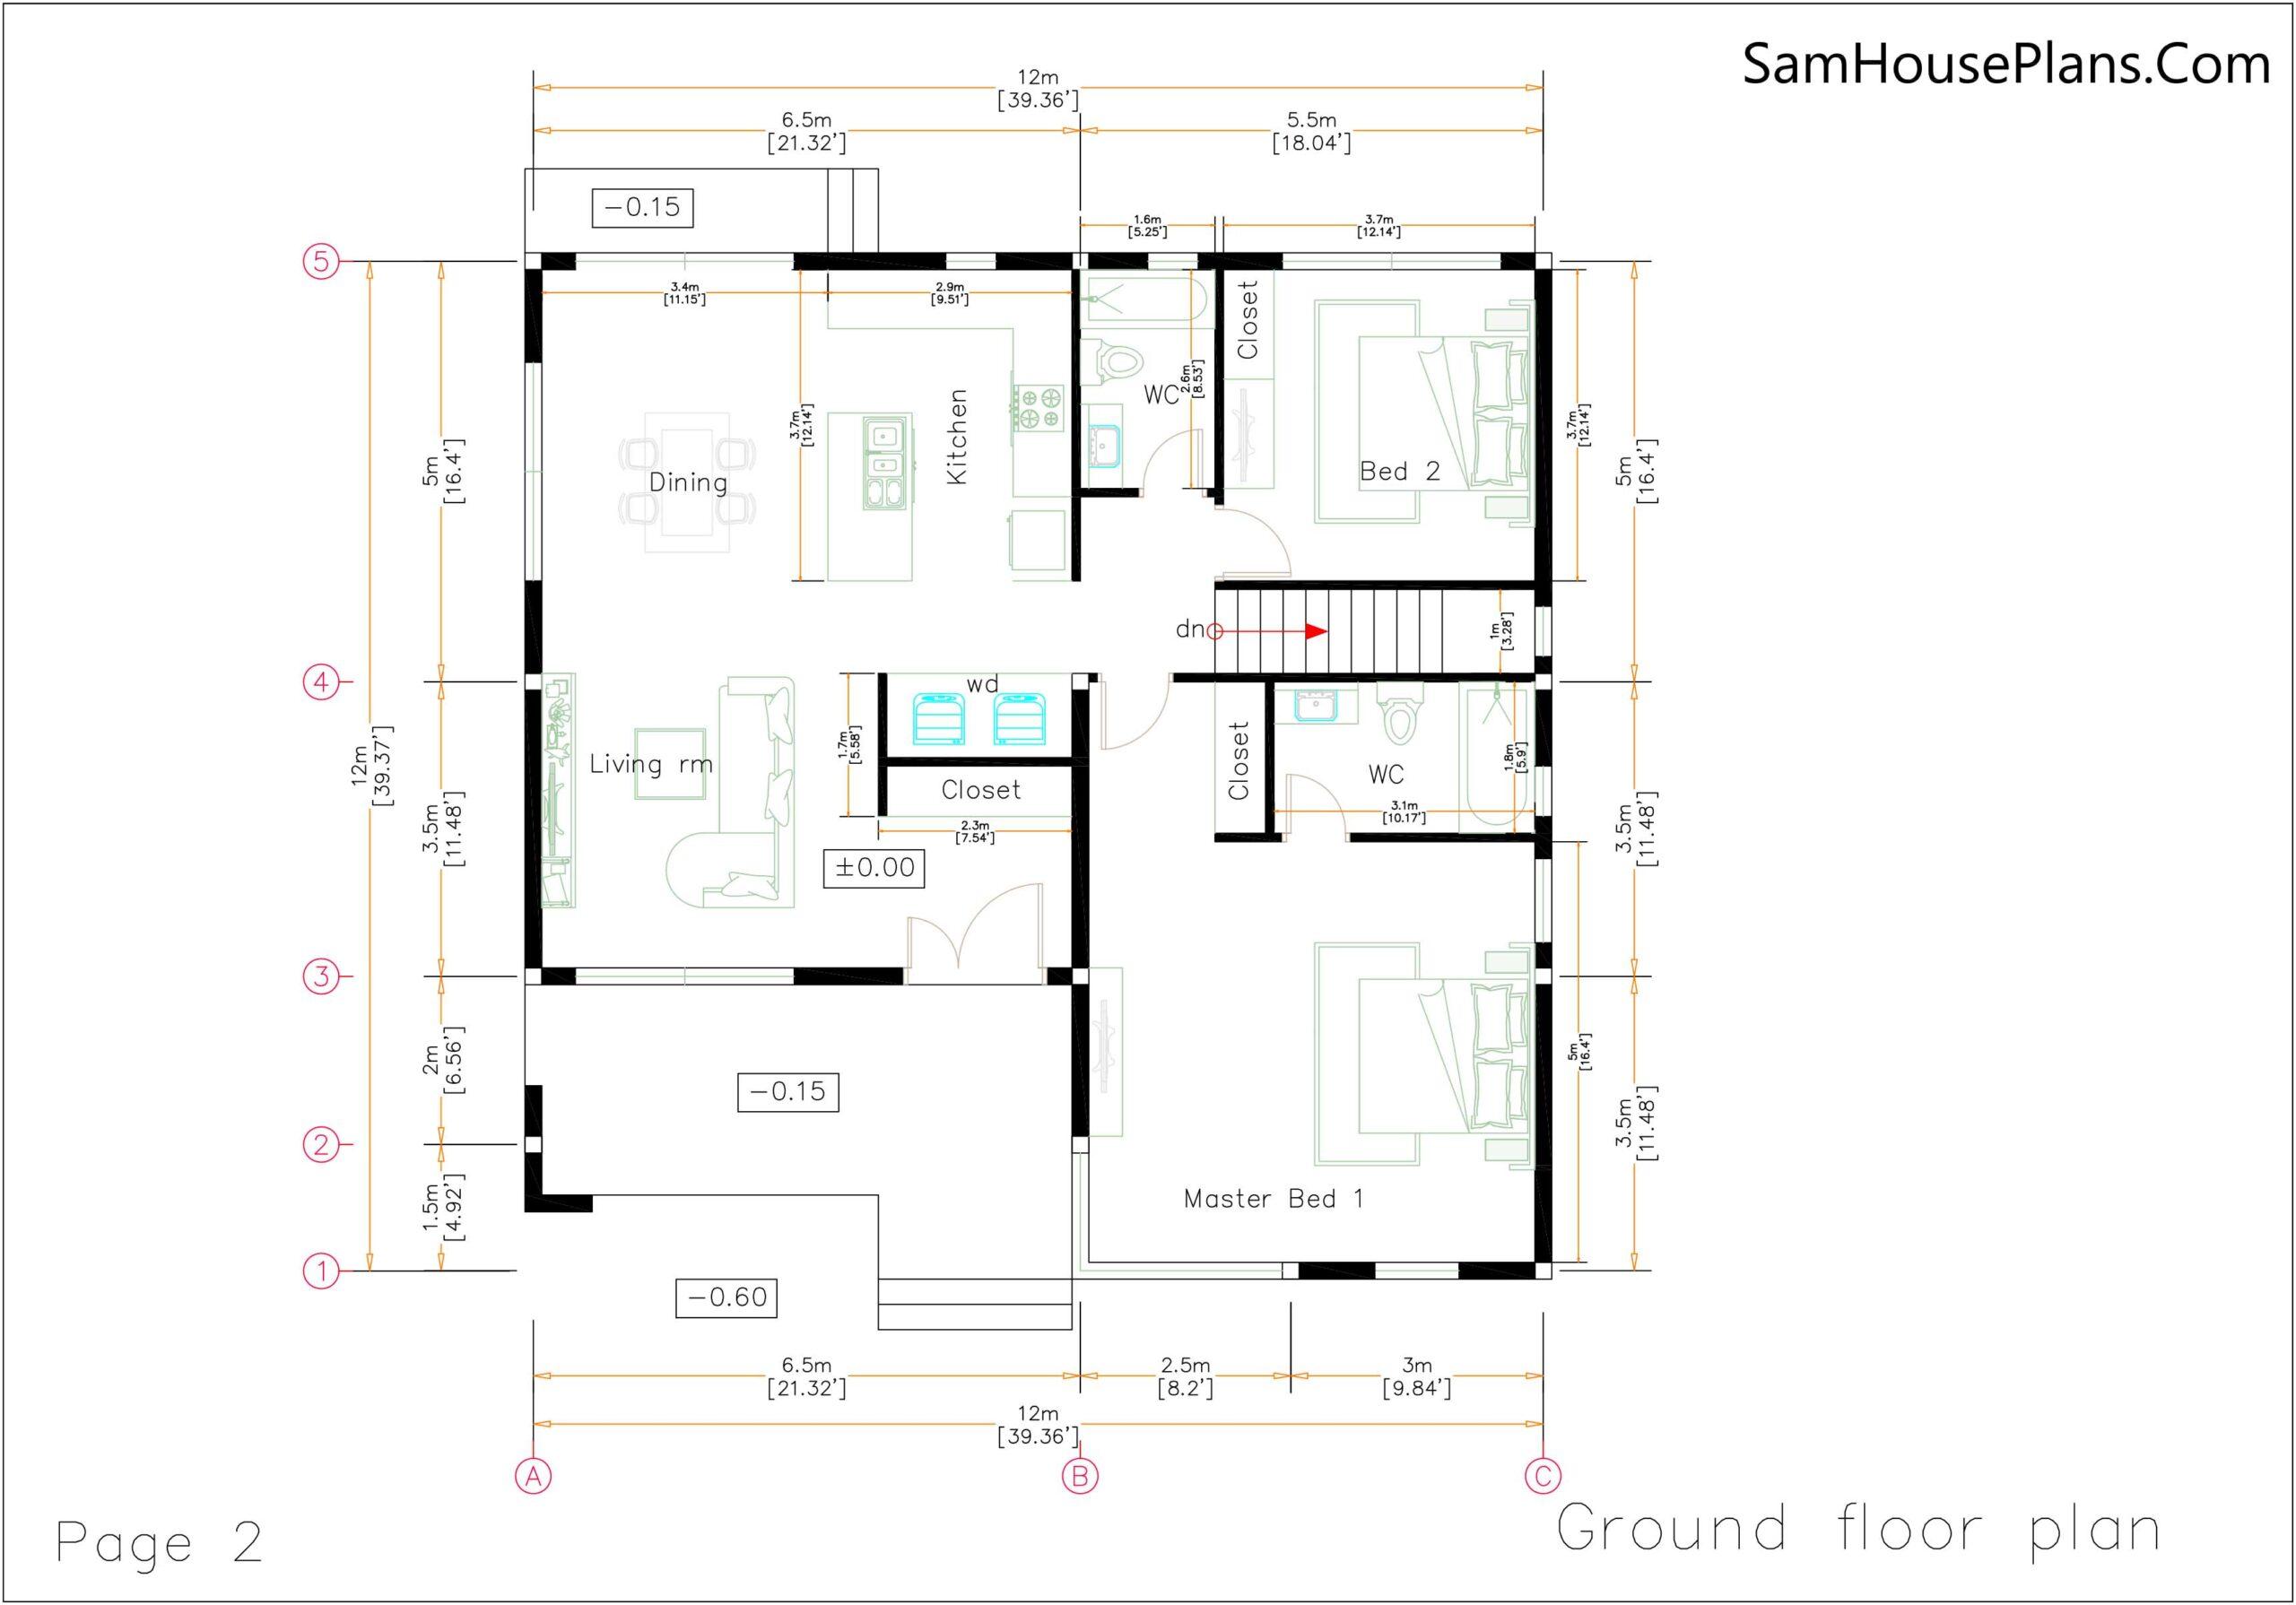 House Design Plans 12x12 Hip Roof 2 Bedrooms floor plan